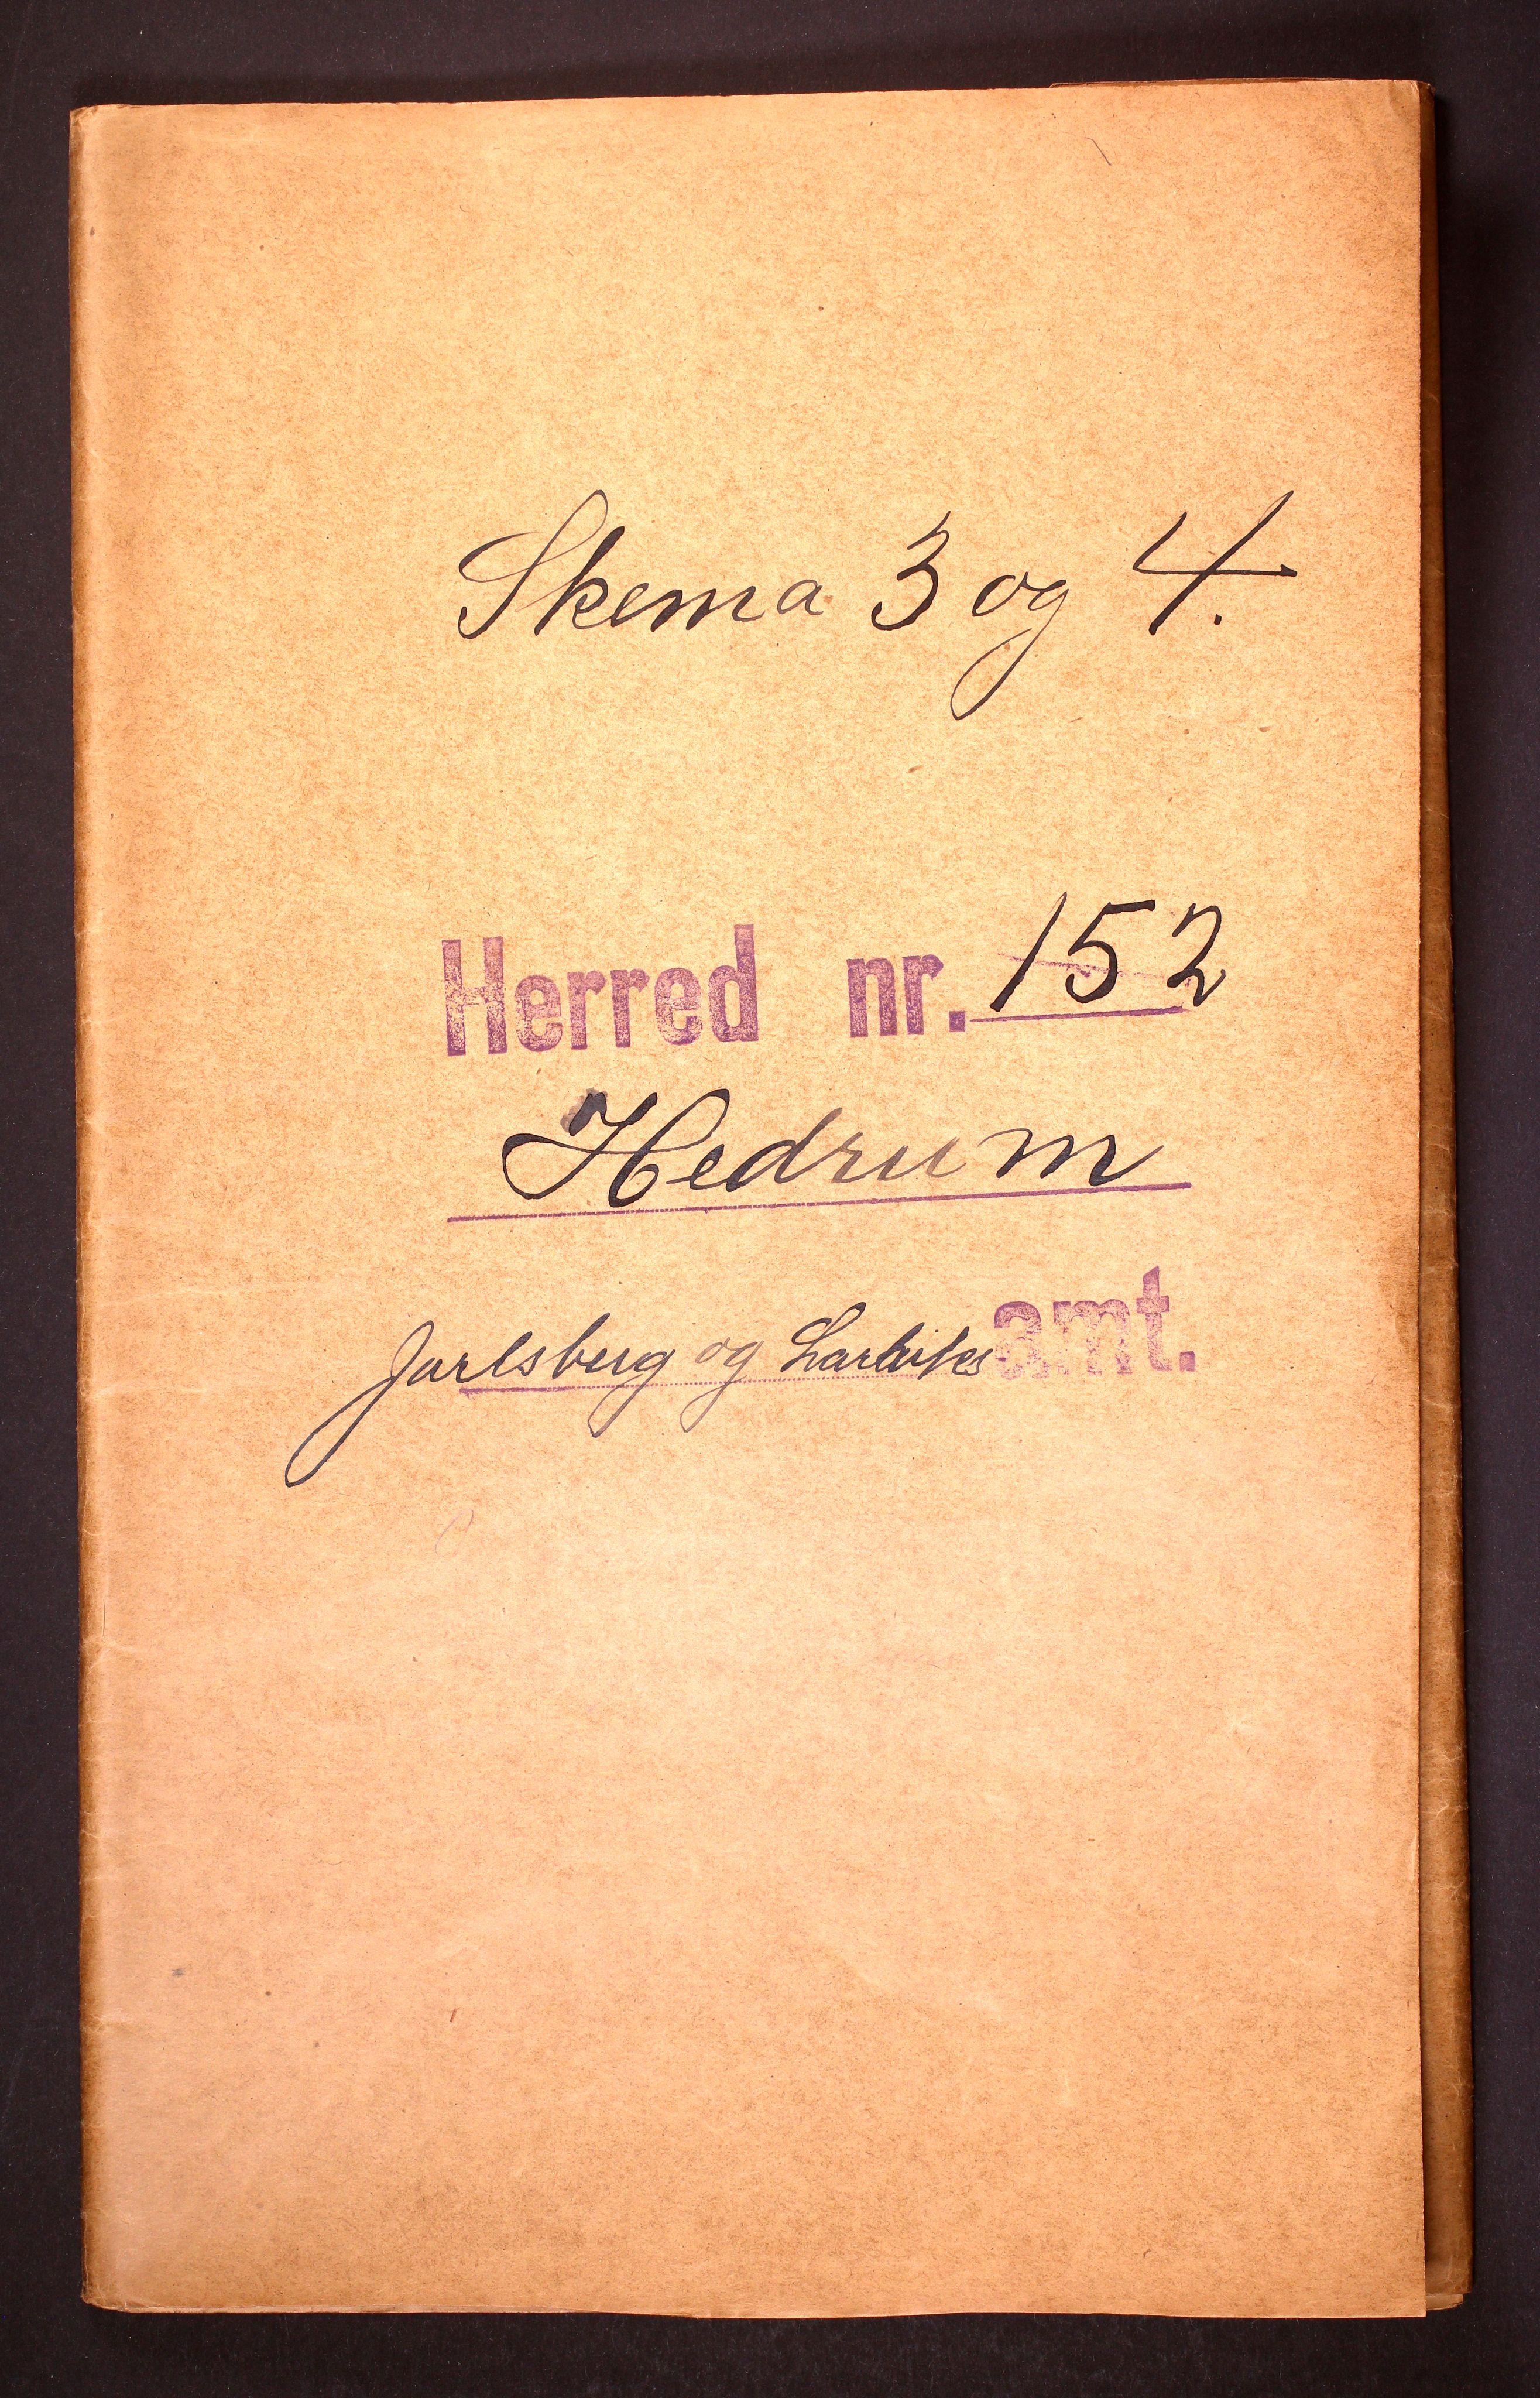 RA, Folketelling 1910 for 0727 Hedrum herred, 1910, s. 1